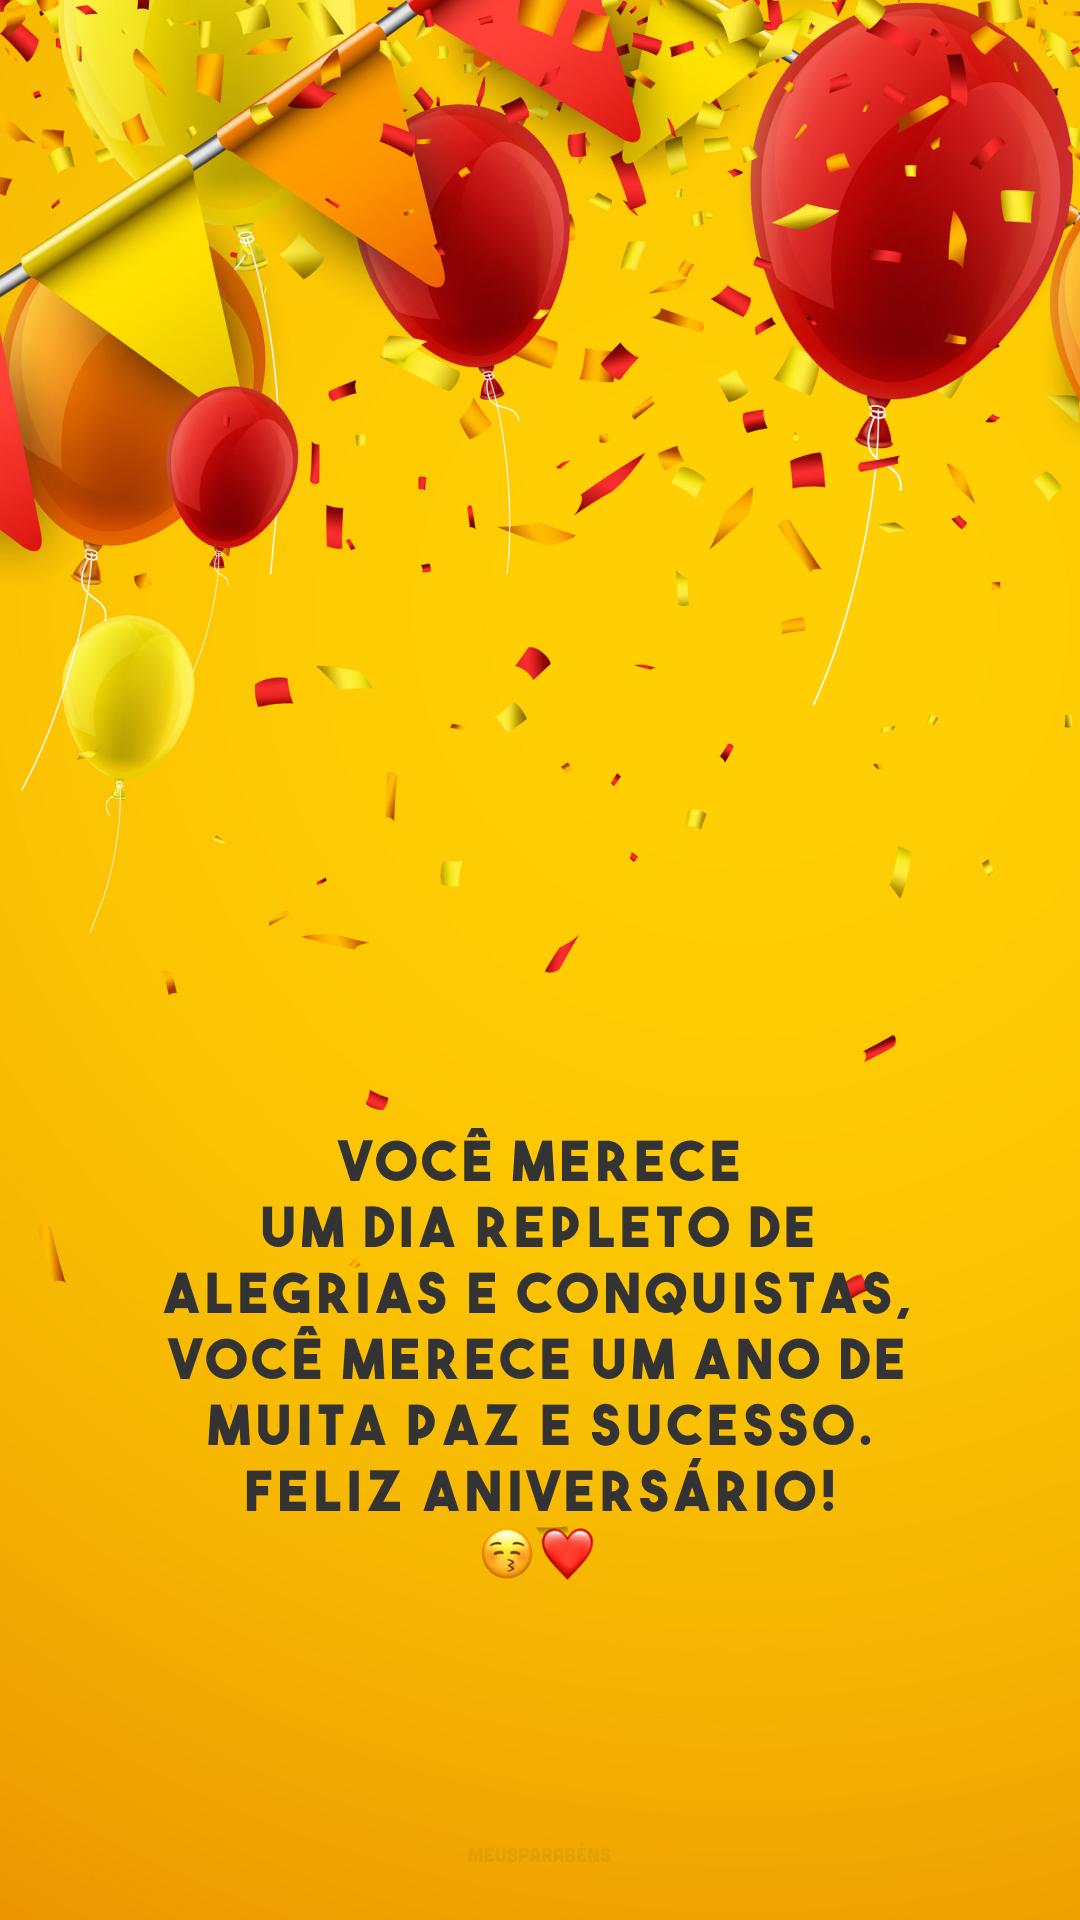 Você merece um dia repleto de alegrias e conquistas, você merece um ano de muita paz e sucesso. Feliz aniversário! 😚❤️